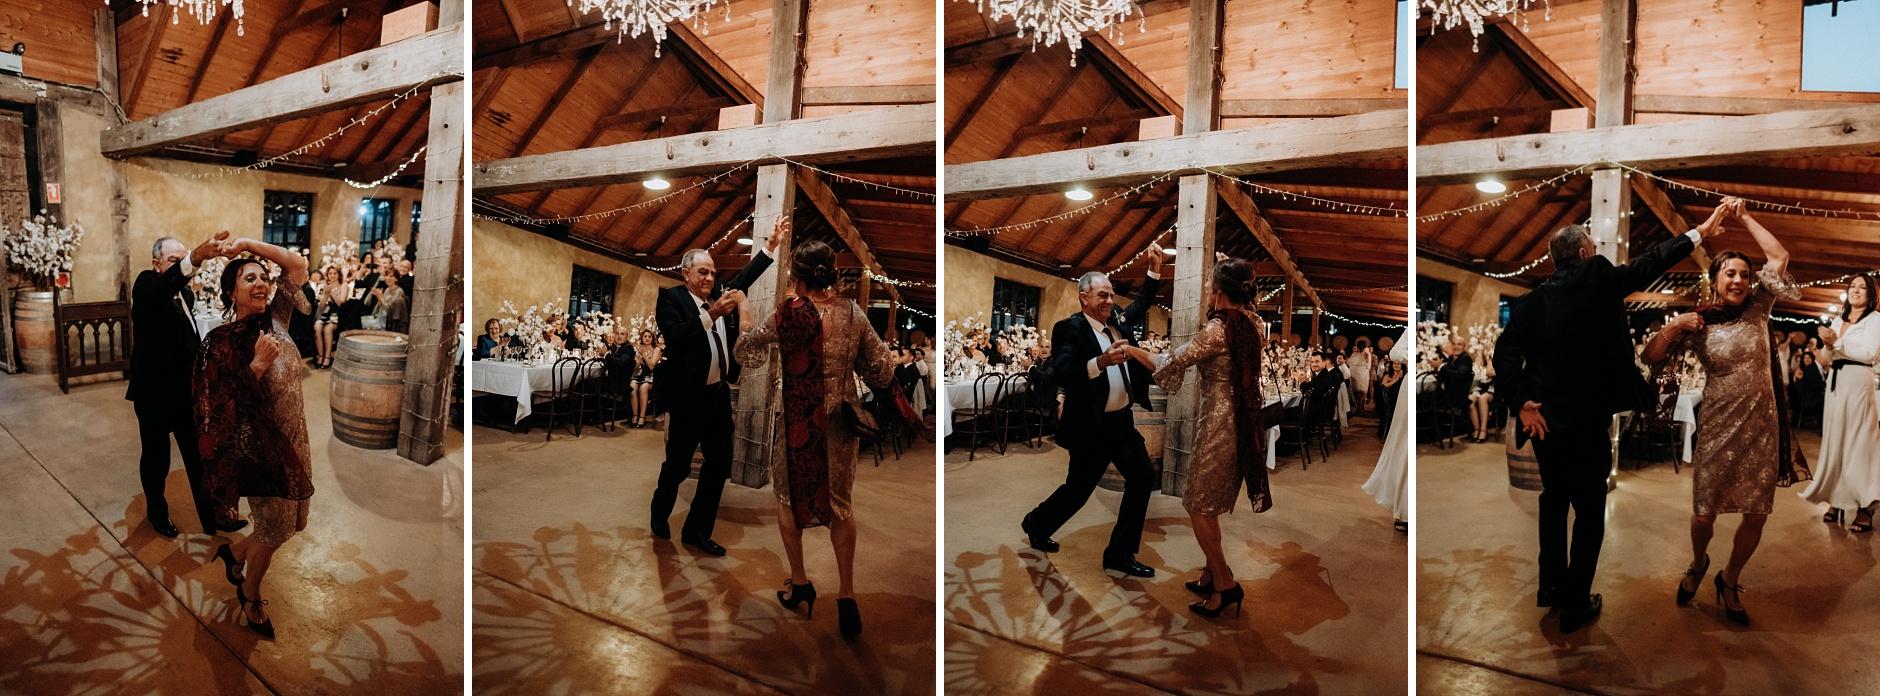 cassandra&cameron0823a_Peppers-Creek-Wedding.jpg